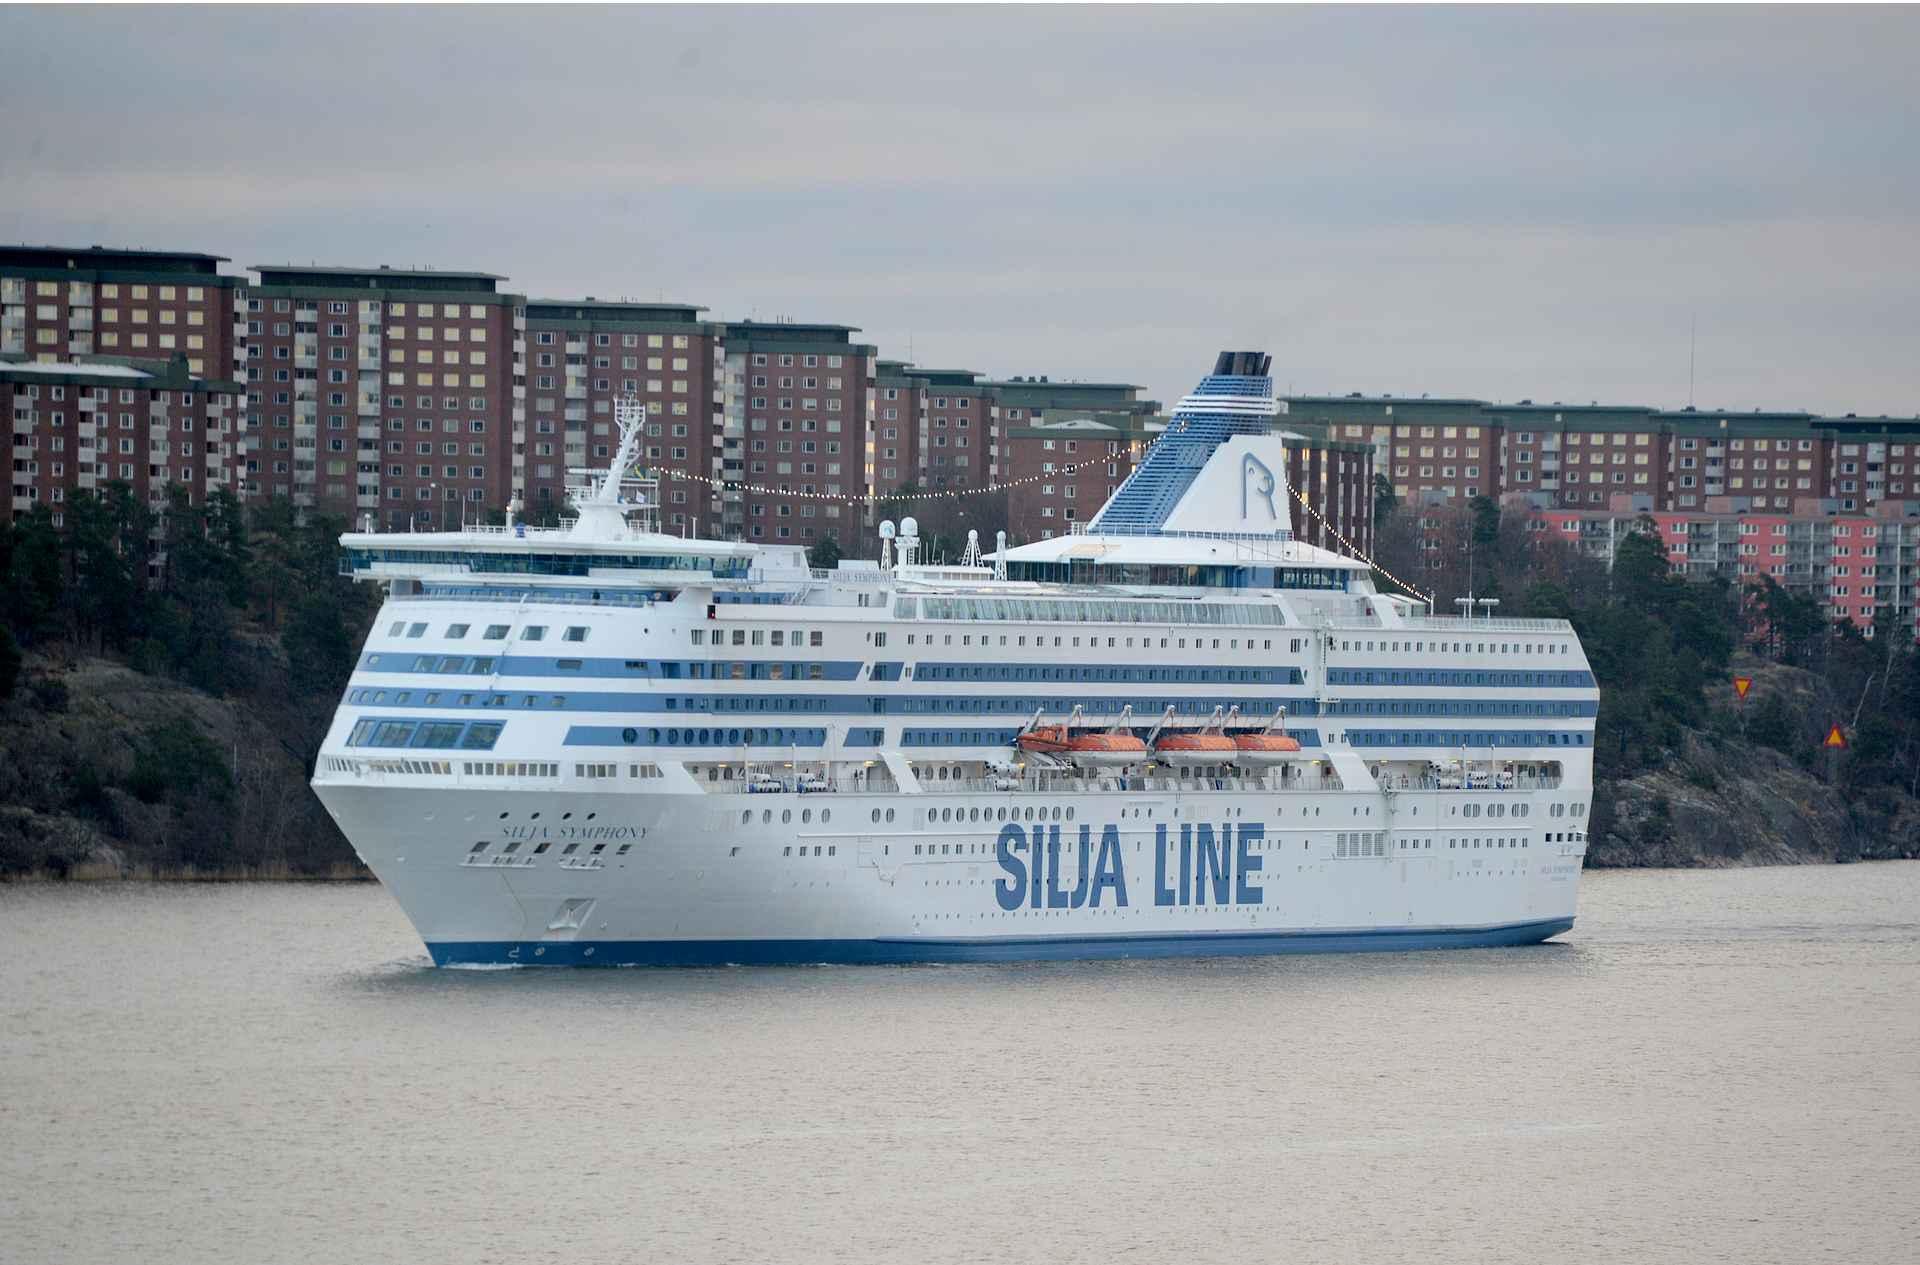 Hotellihuoneen ikkunasta katseltiin Silja Symphonyn tuloa satamaan. Onkohan laivalla tuttuja?